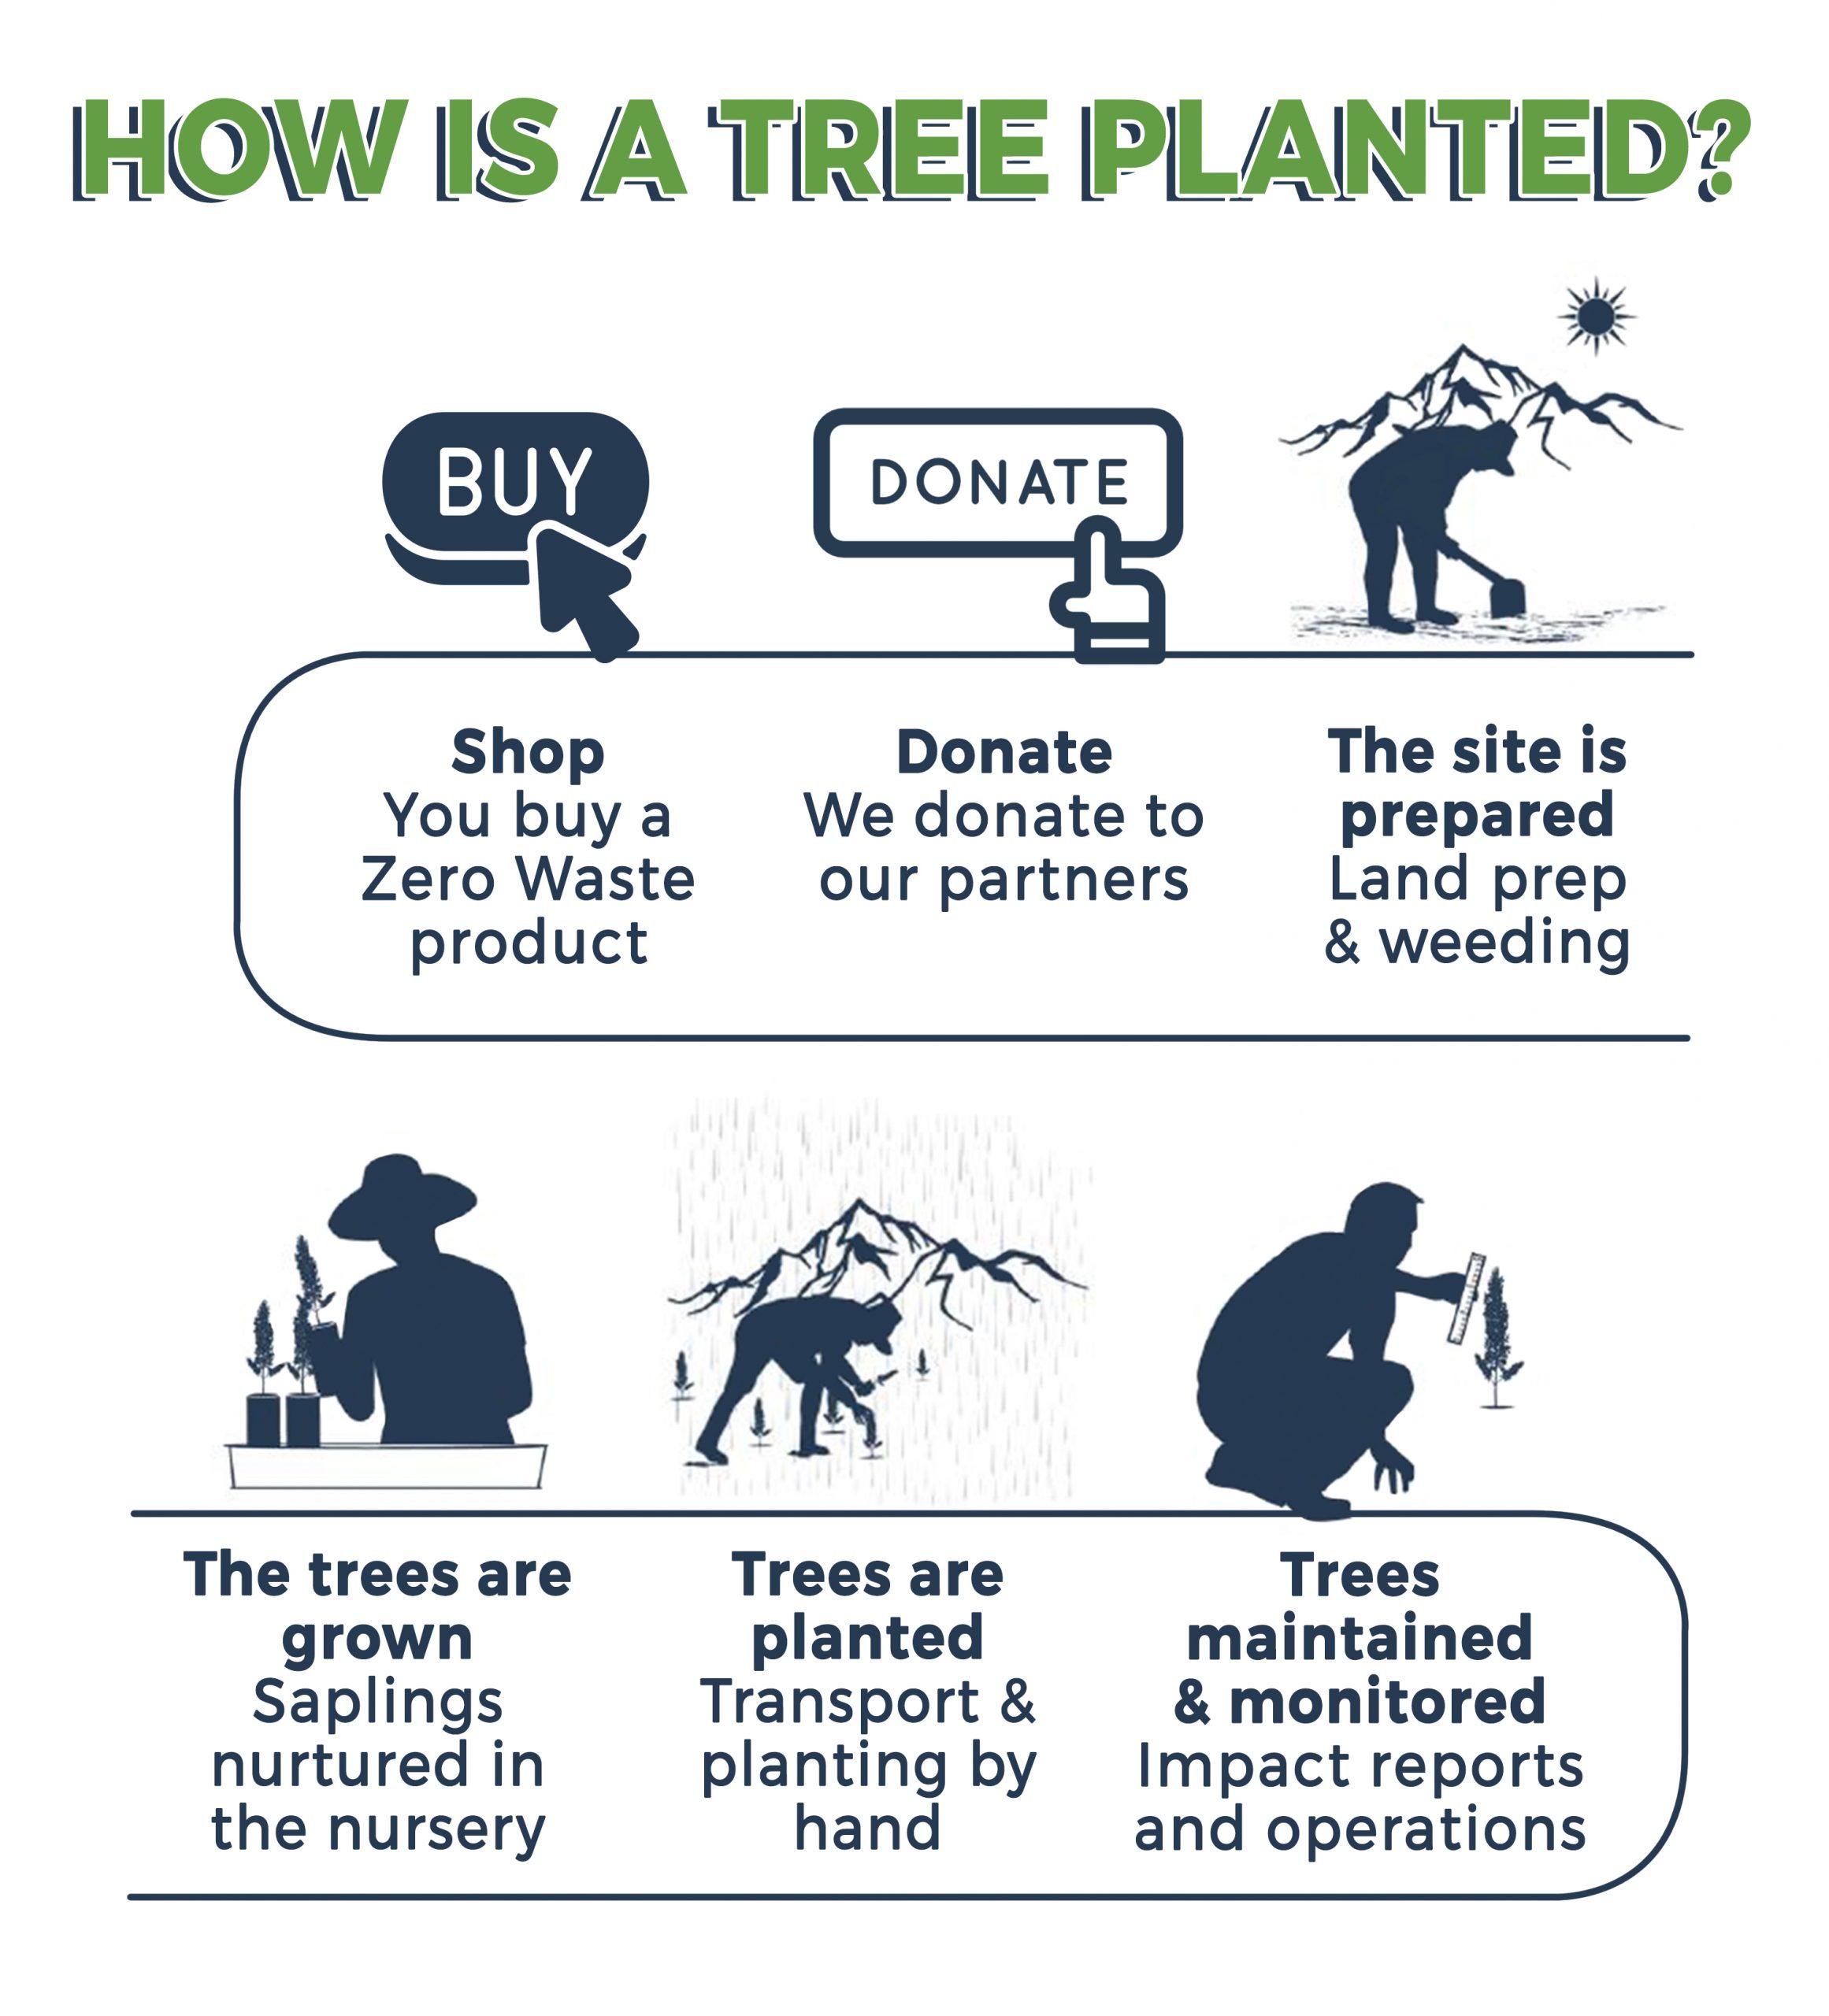 ZERO WASTE INITIATIVE - ZEROWASTEINITIATIVE.COM TREE PLANNED STORY 1